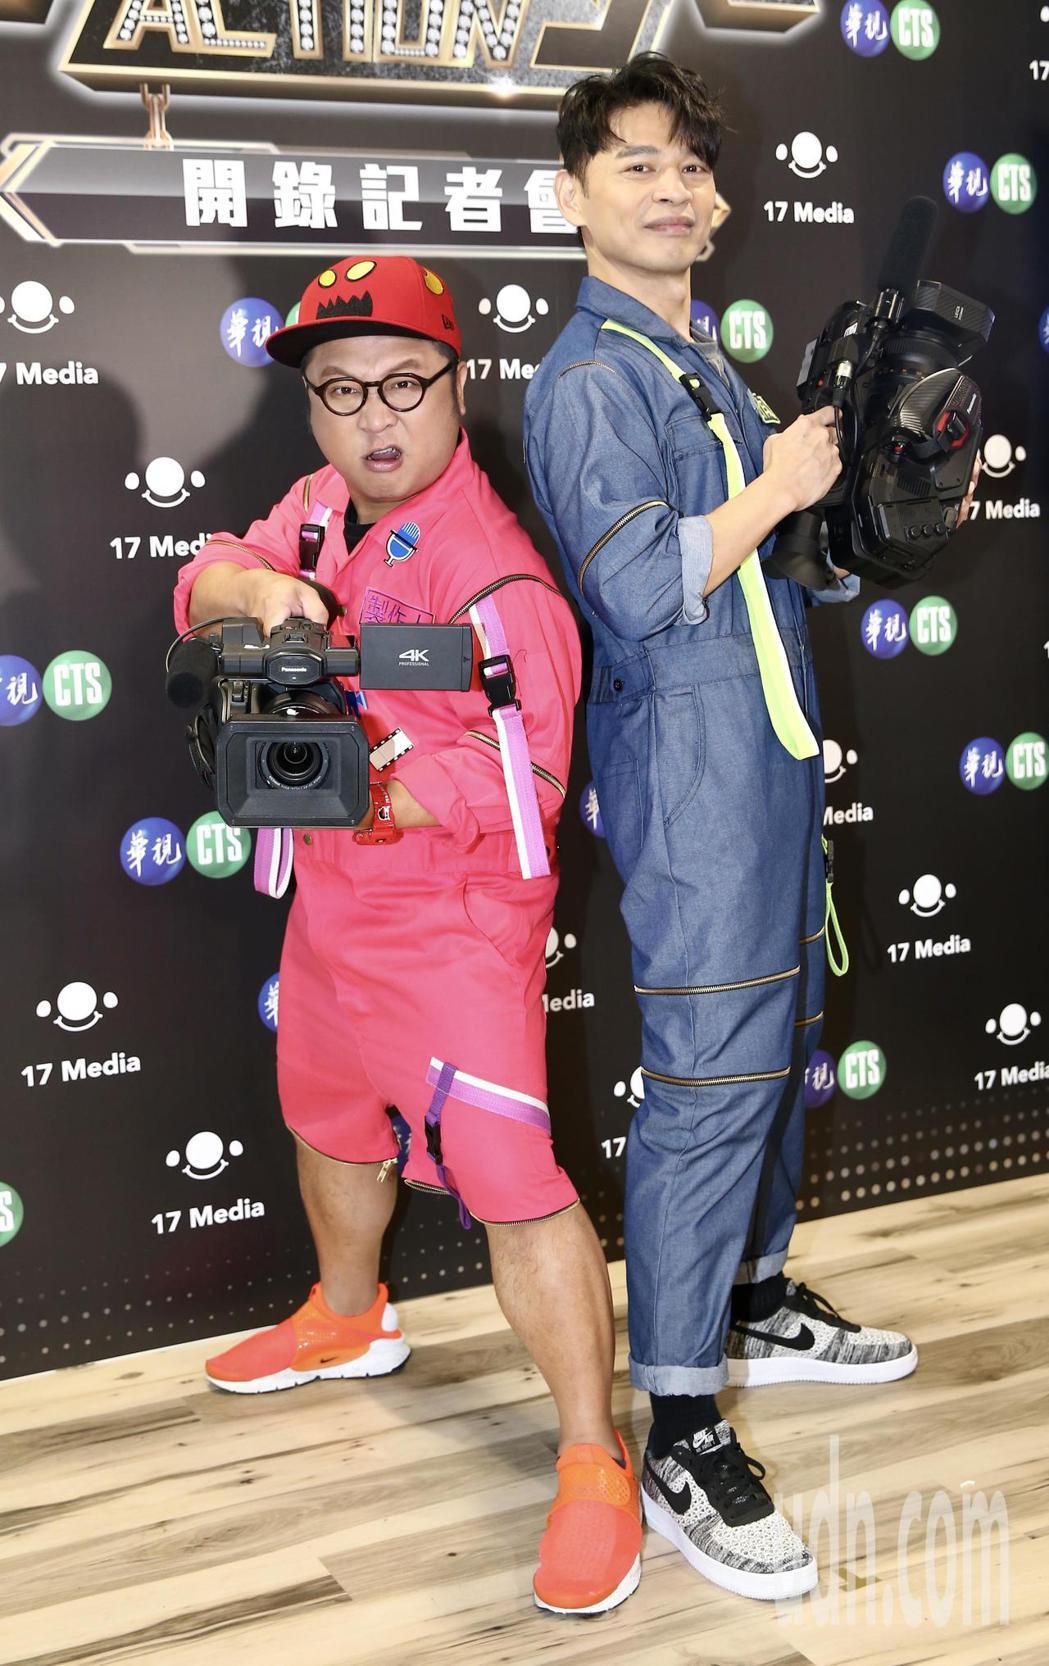 藝人阿Ken(右)、納豆(左)直播新節目開播,宣傳新節目。記者許正宏/攝影